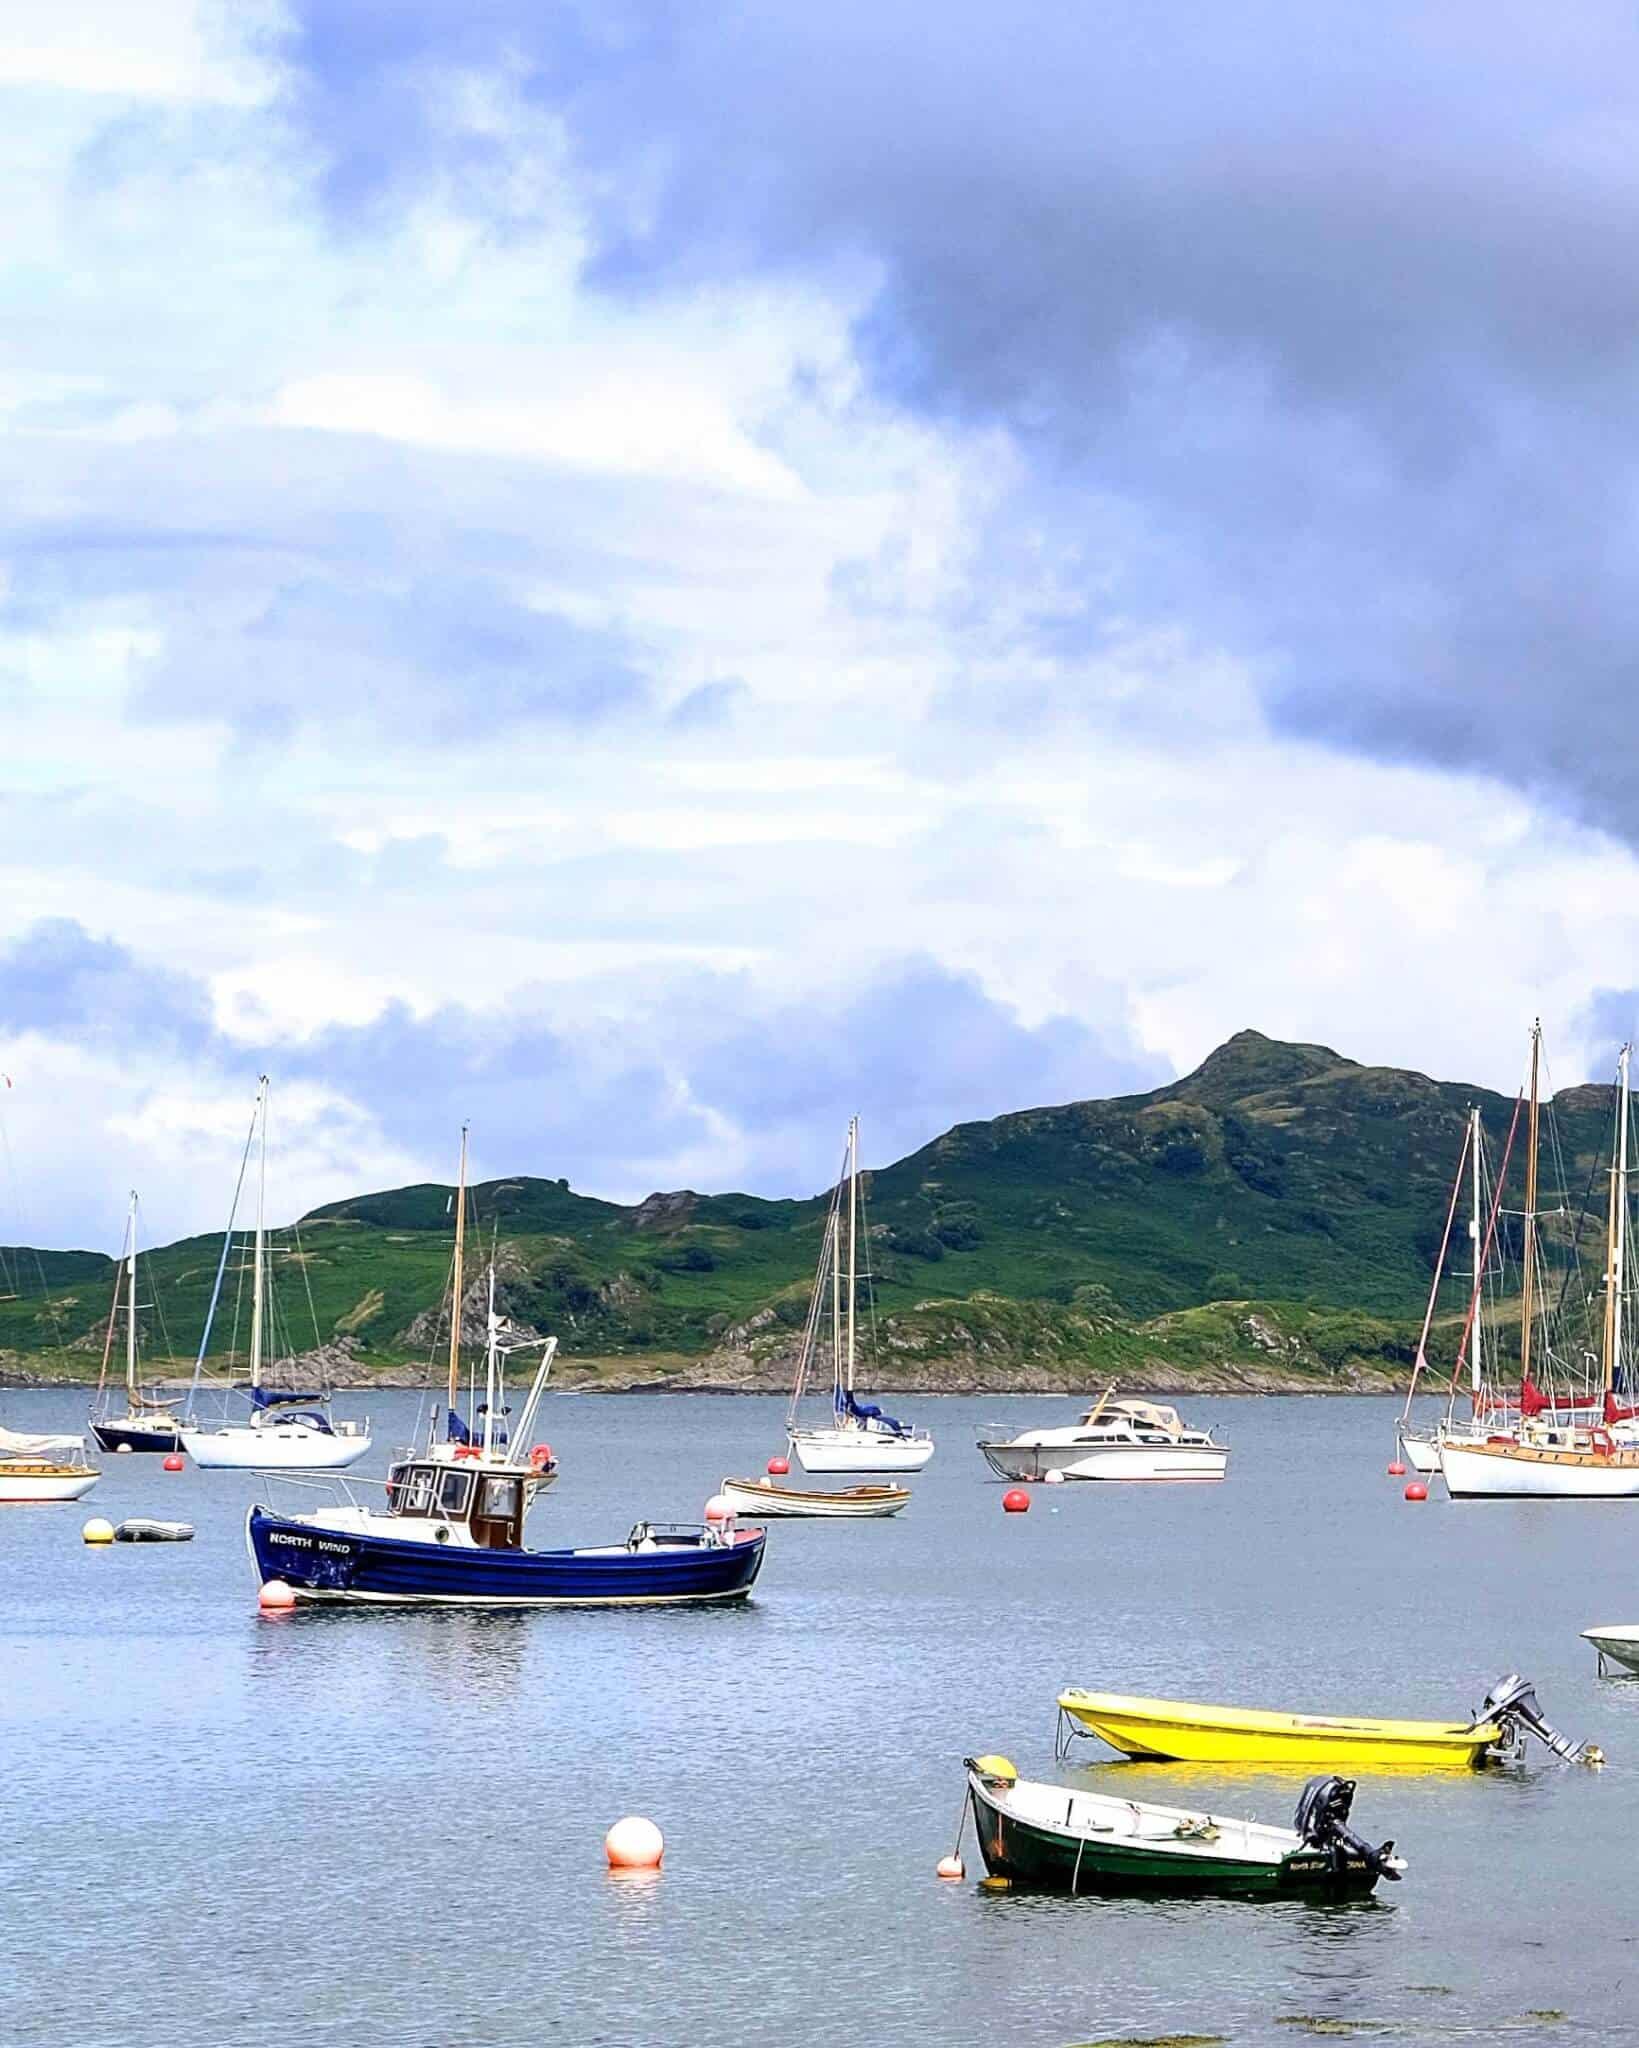 Crinan Boats